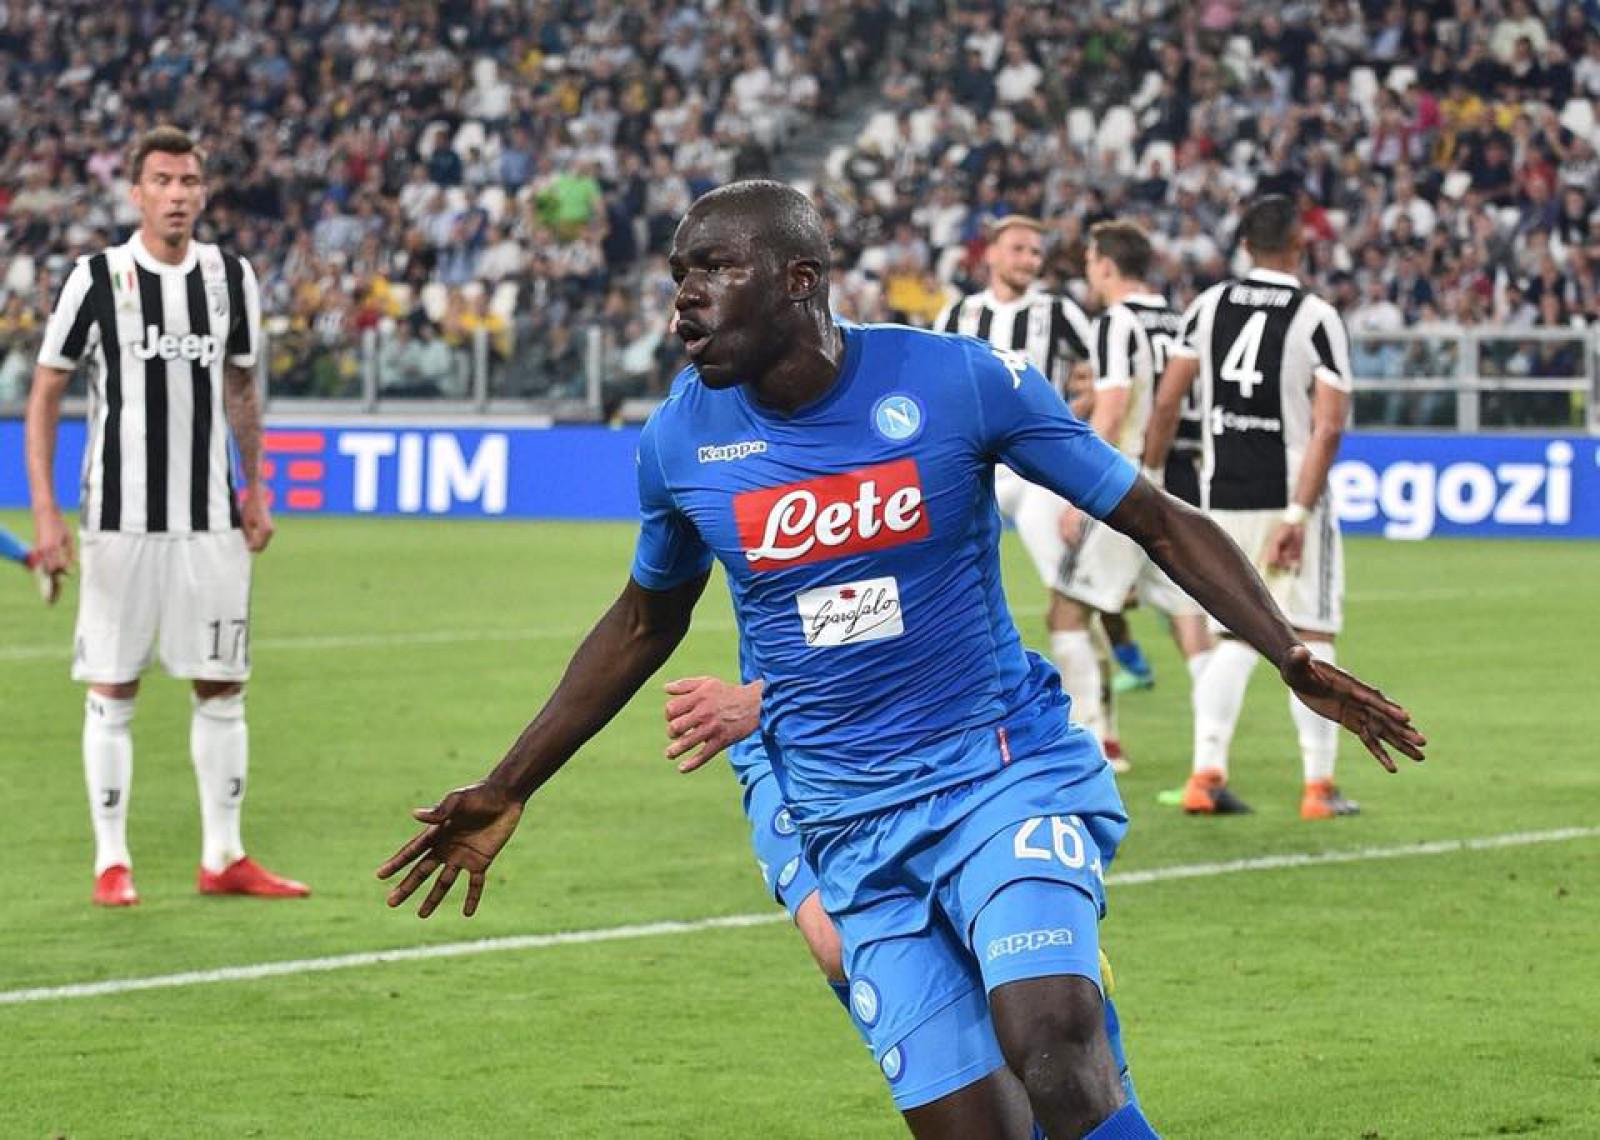 Juventus 0-1 Napoli: Echipa lui Maurizio Sarri a revenit în lupta pentru titlu în Serie A